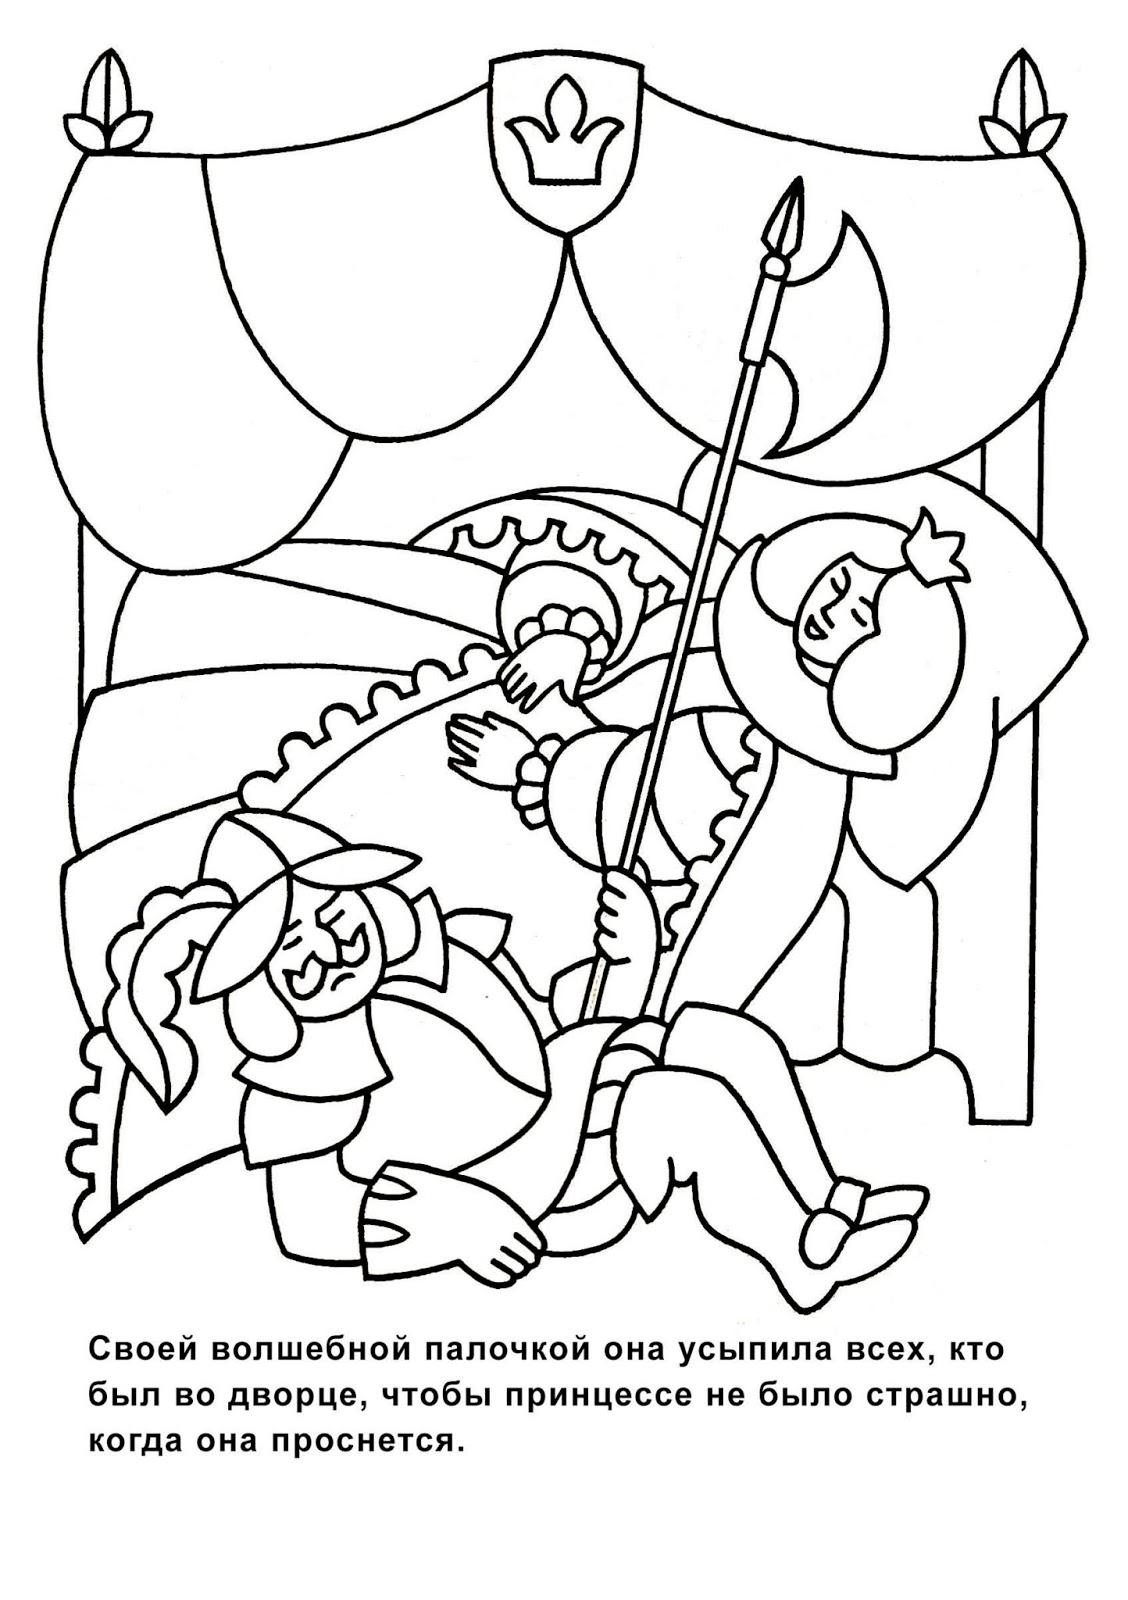 Картинки для раскрашивания по сказкам шарля перро